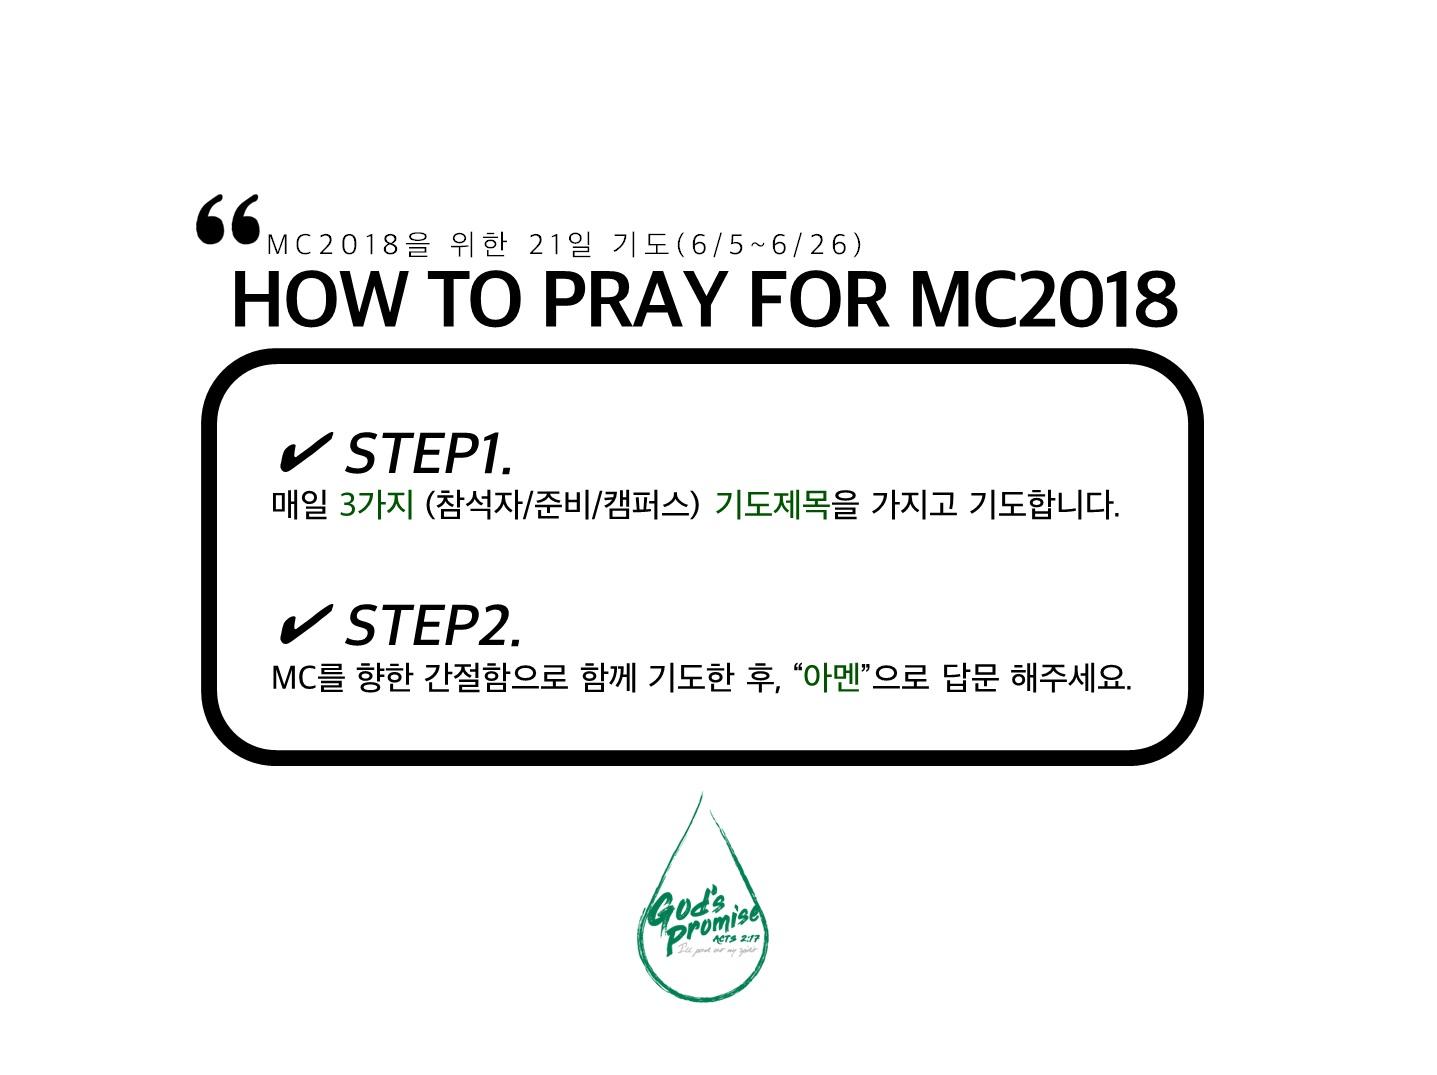 MC2018_HOWTO21